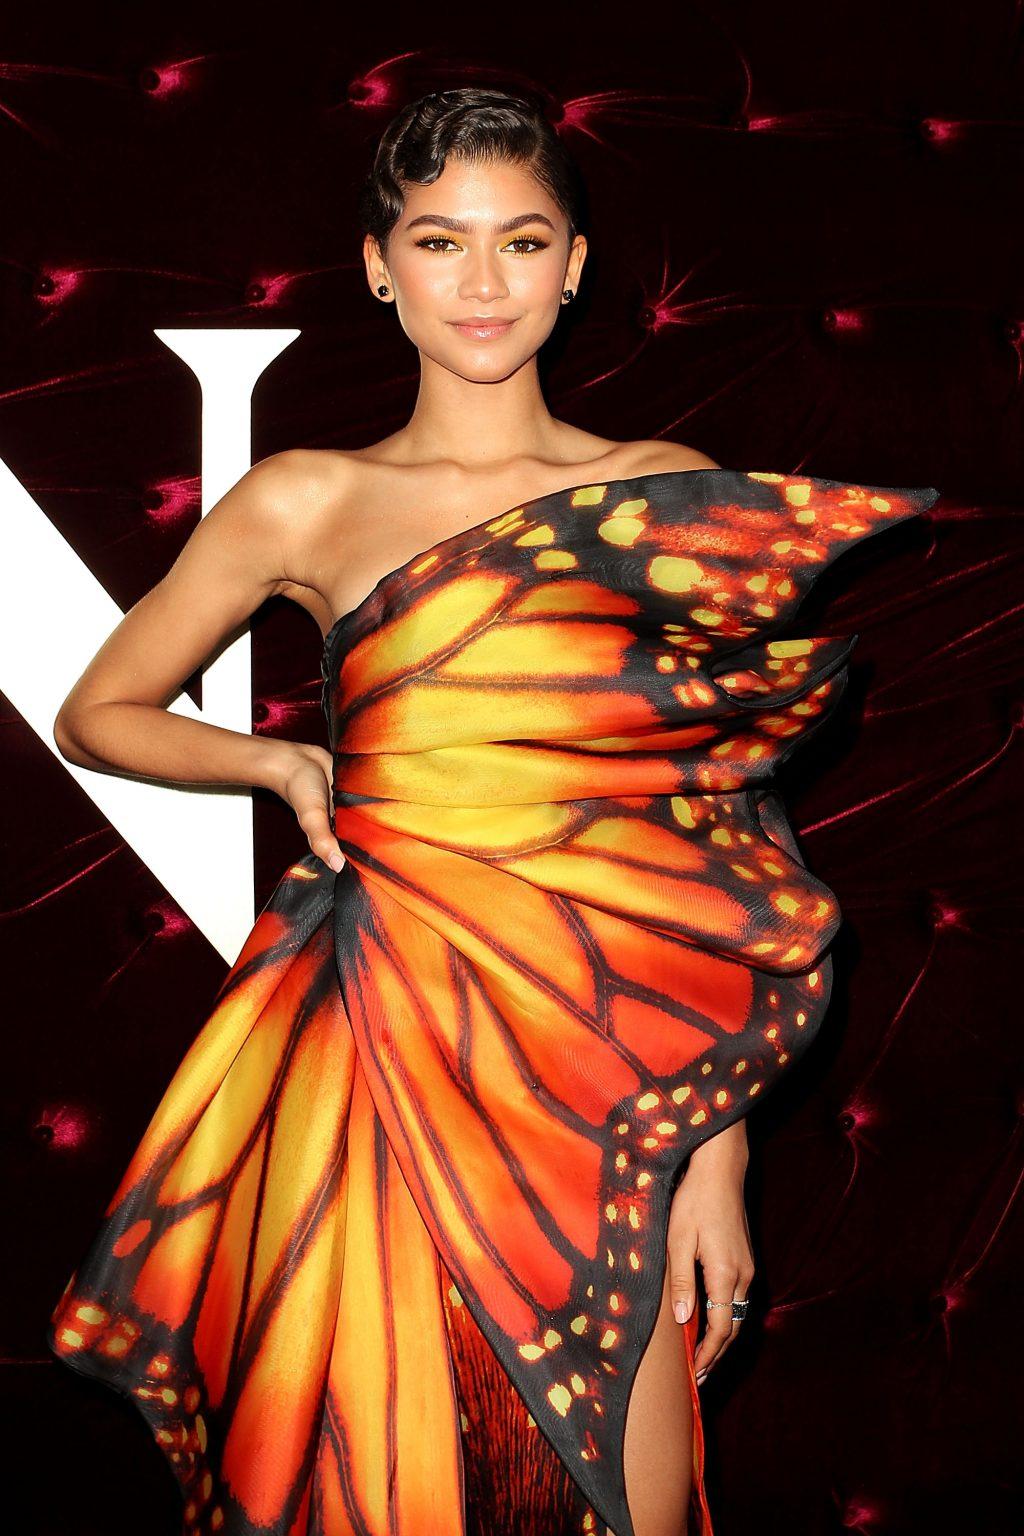 Phong cách thời trang Zendaya diện váy hình bướm lên thảm đỏ